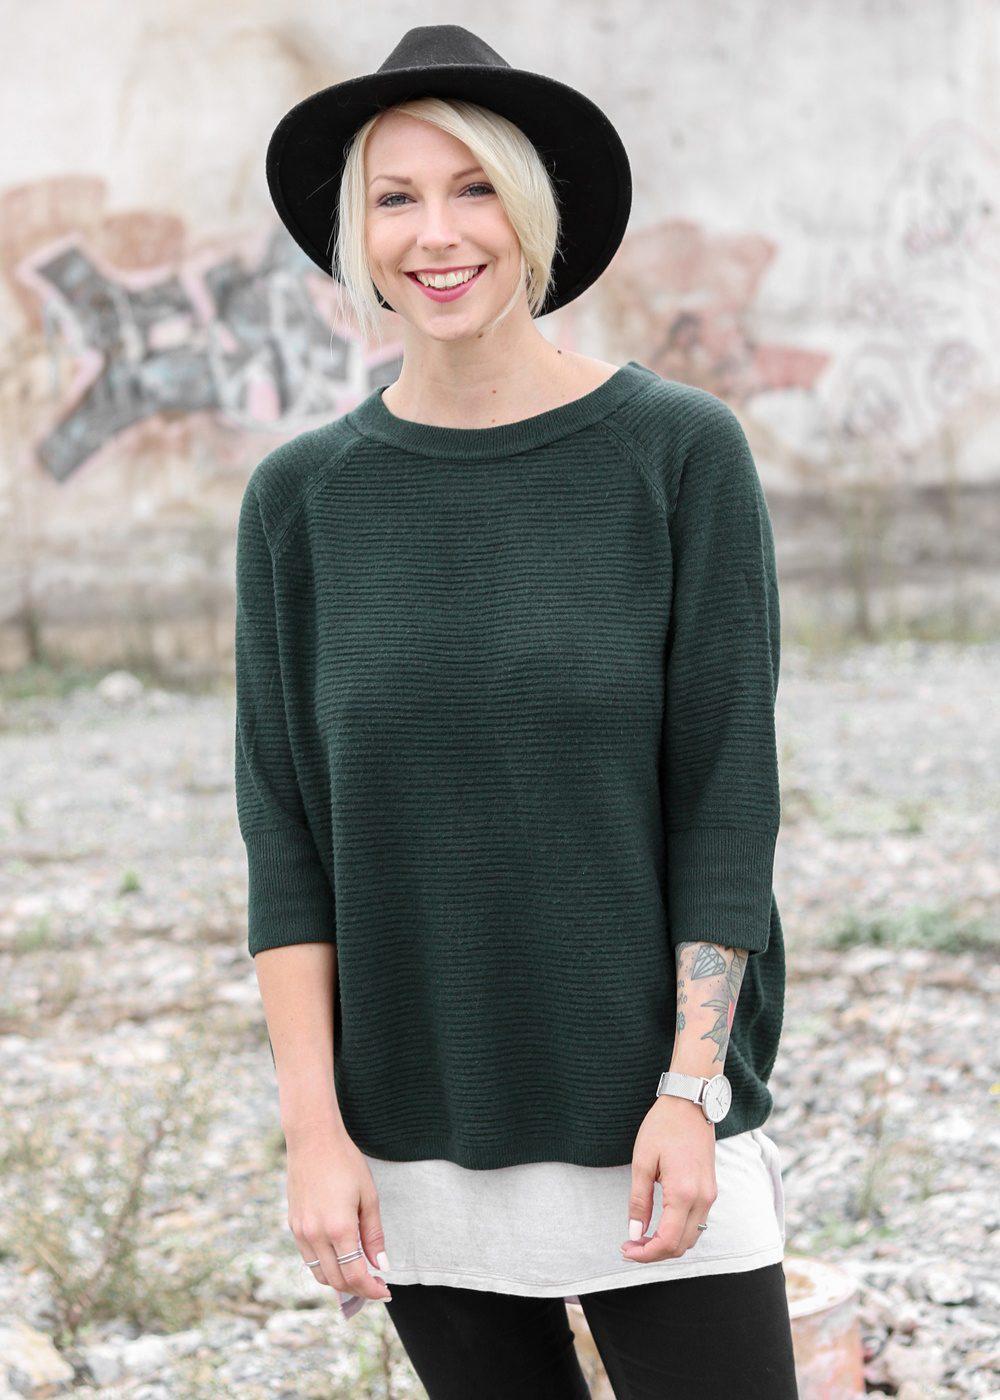 outfit-roland-schnuerstiefel-tamaris-rose-strickpullover-vero-moda-khaki-hut-jeans-13